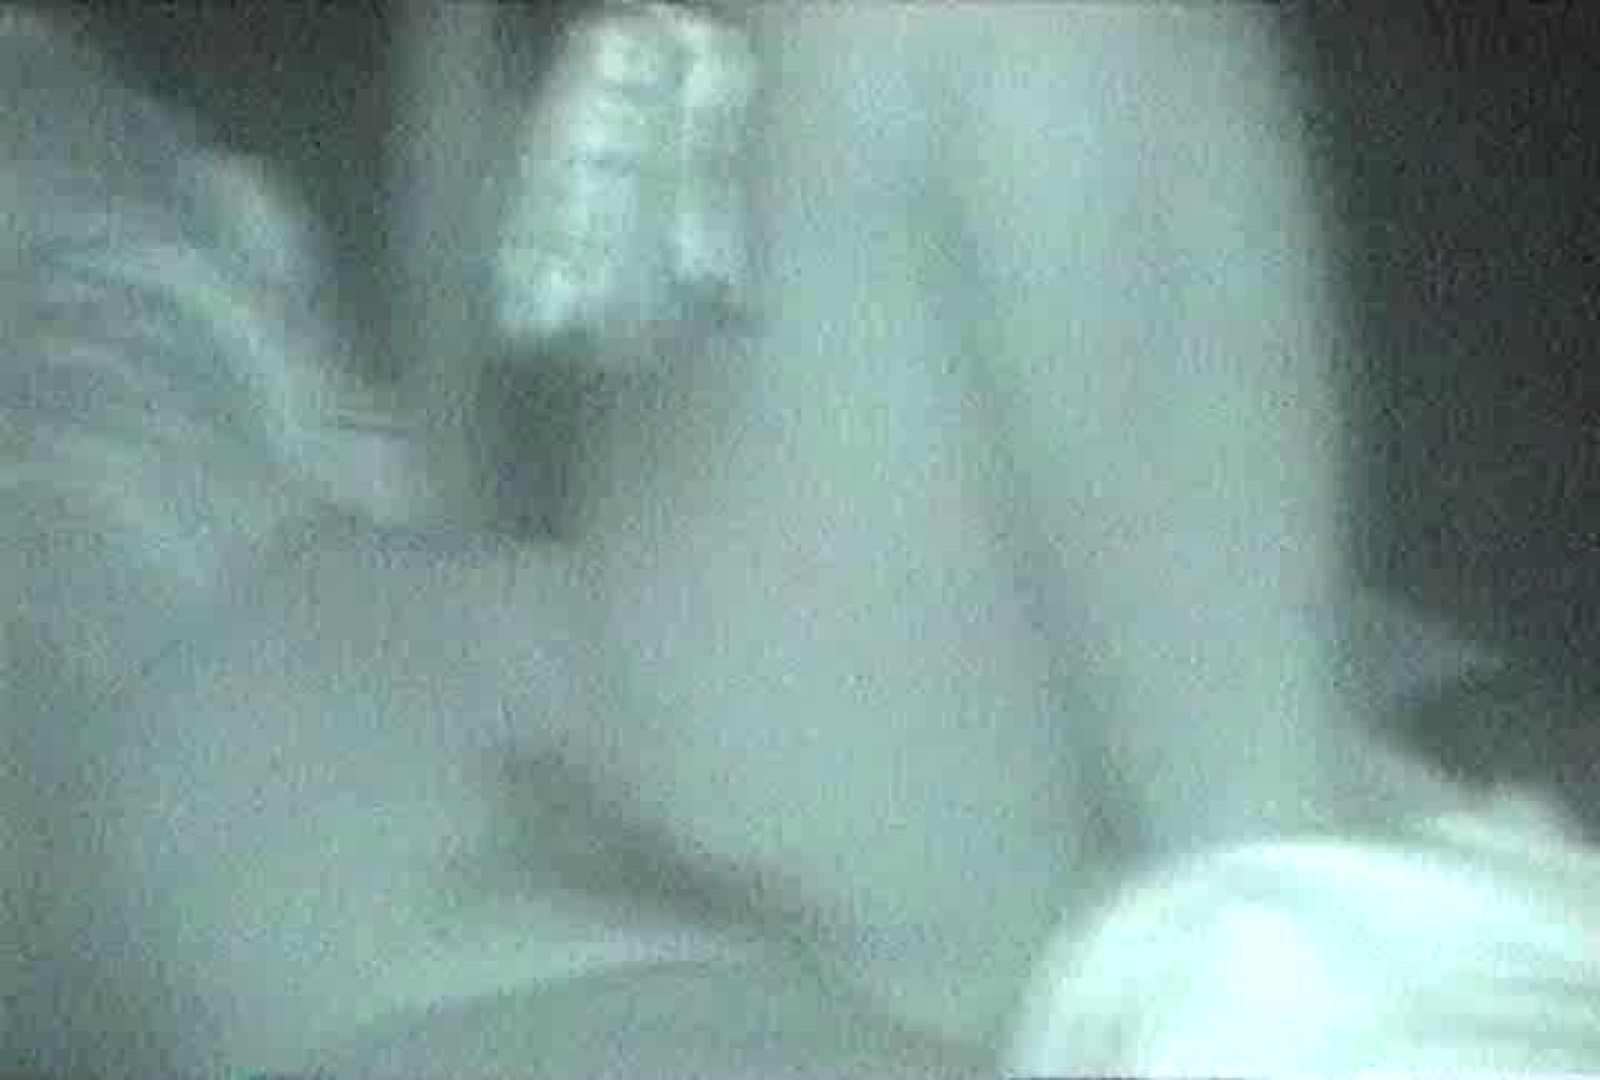 充血監督の深夜の運動会Vol.54 OLの実態  103pic 75